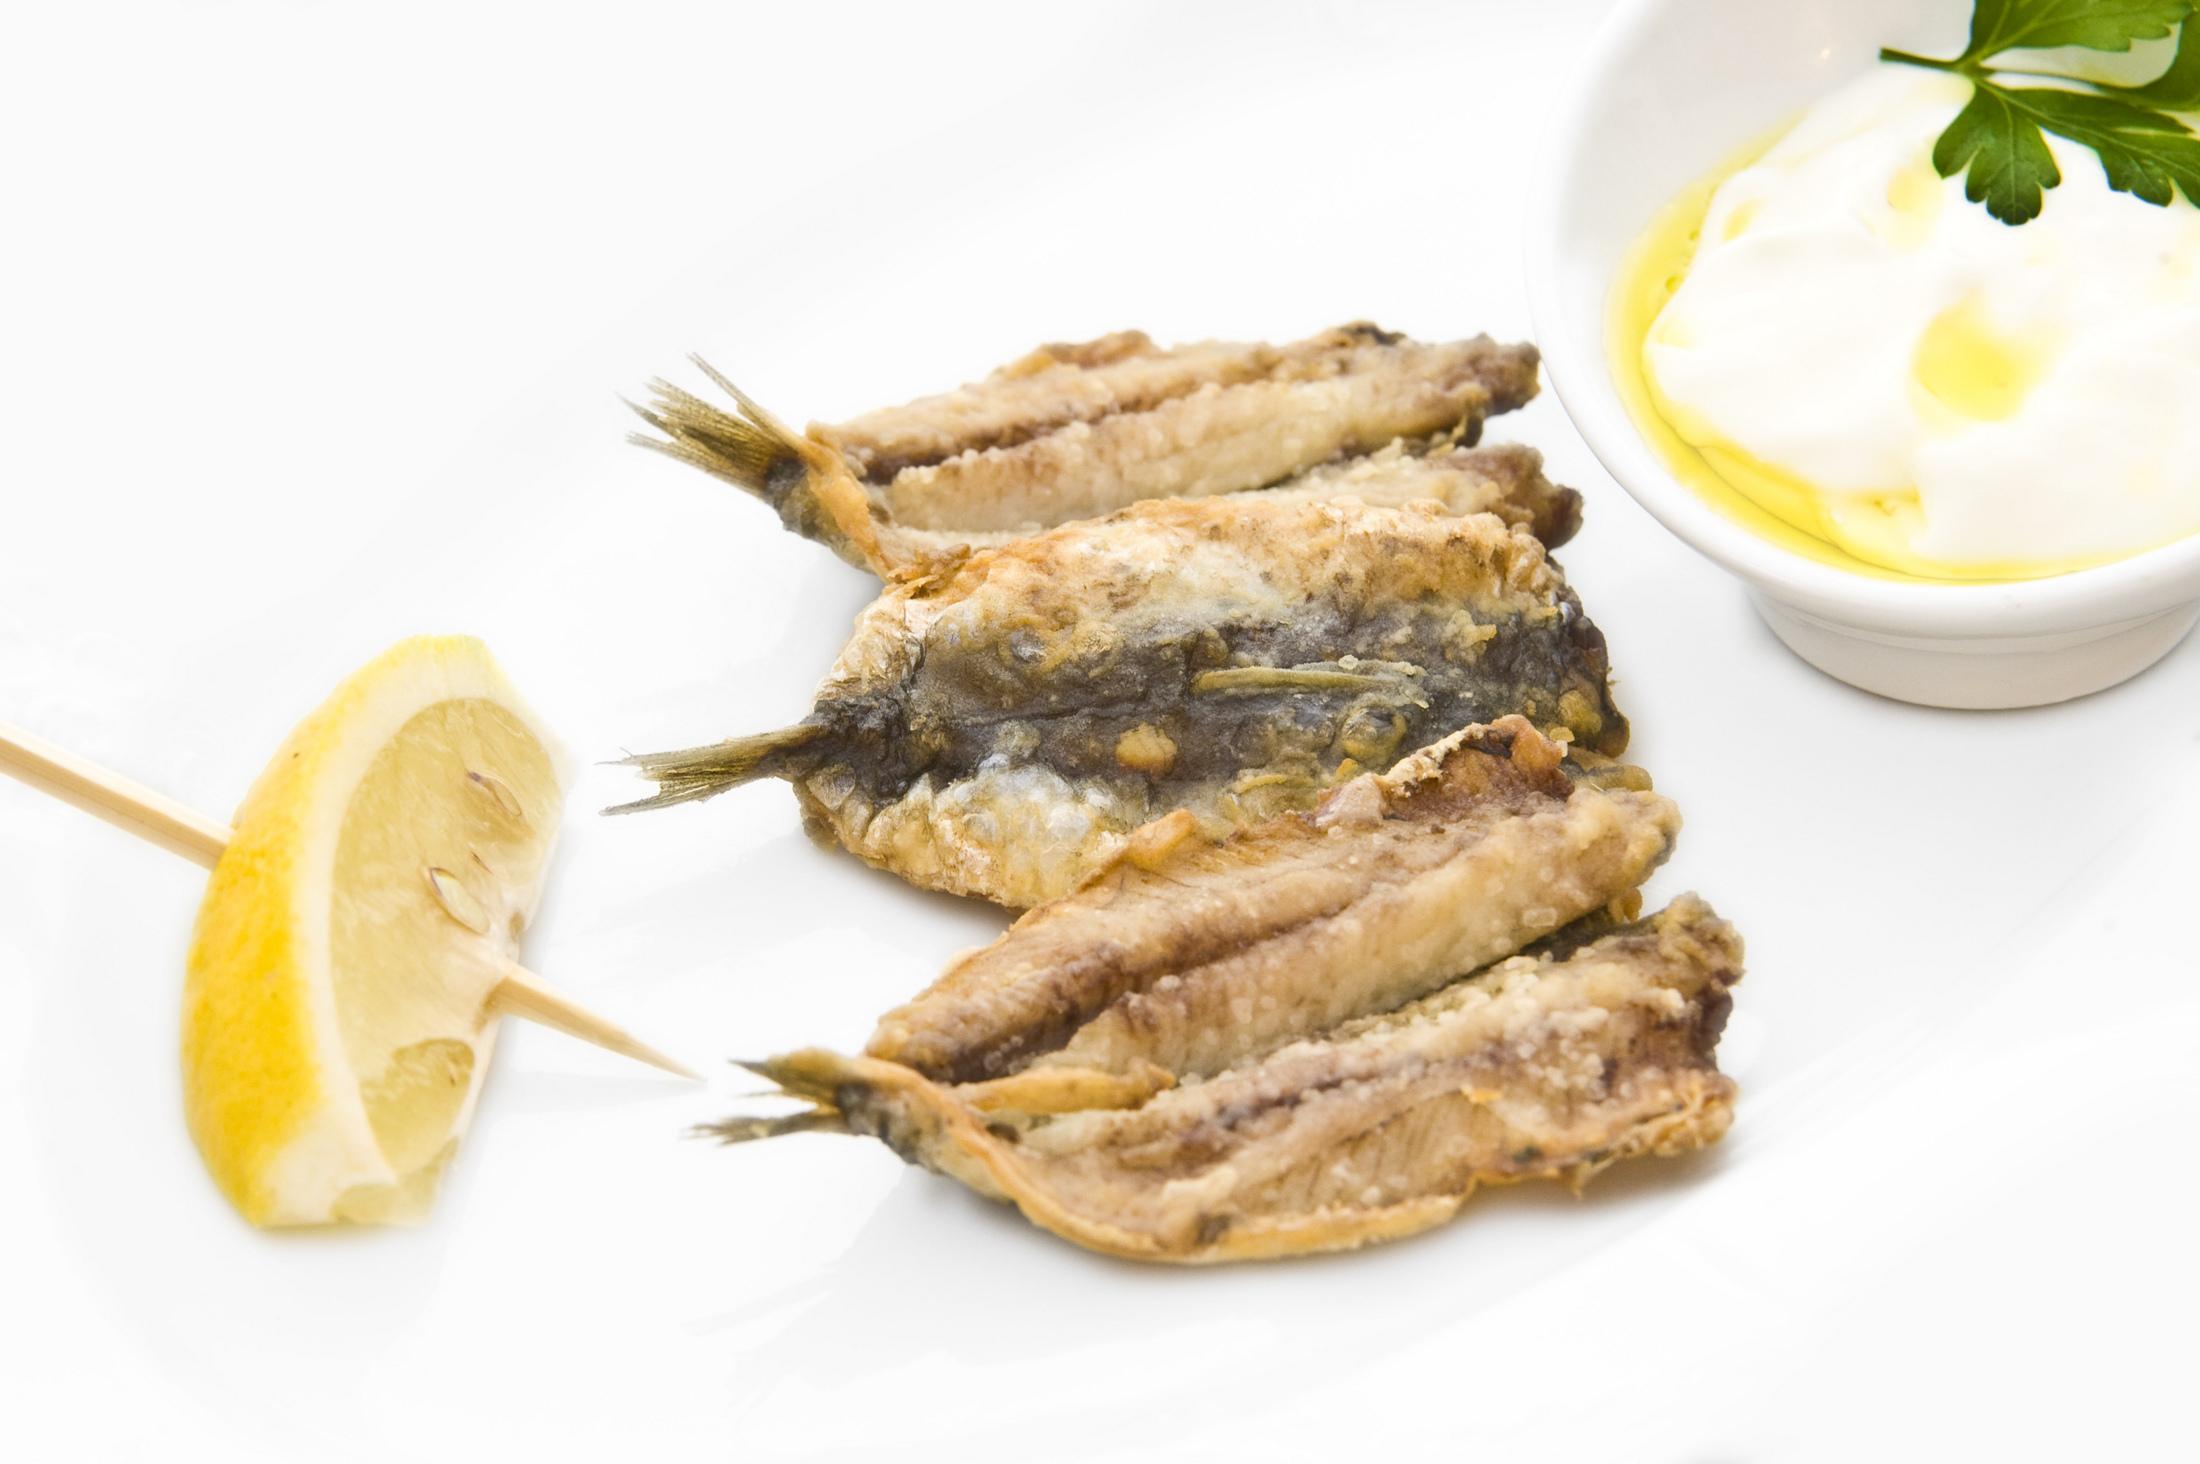 Fritované sardinky s domácí majonézou alioli